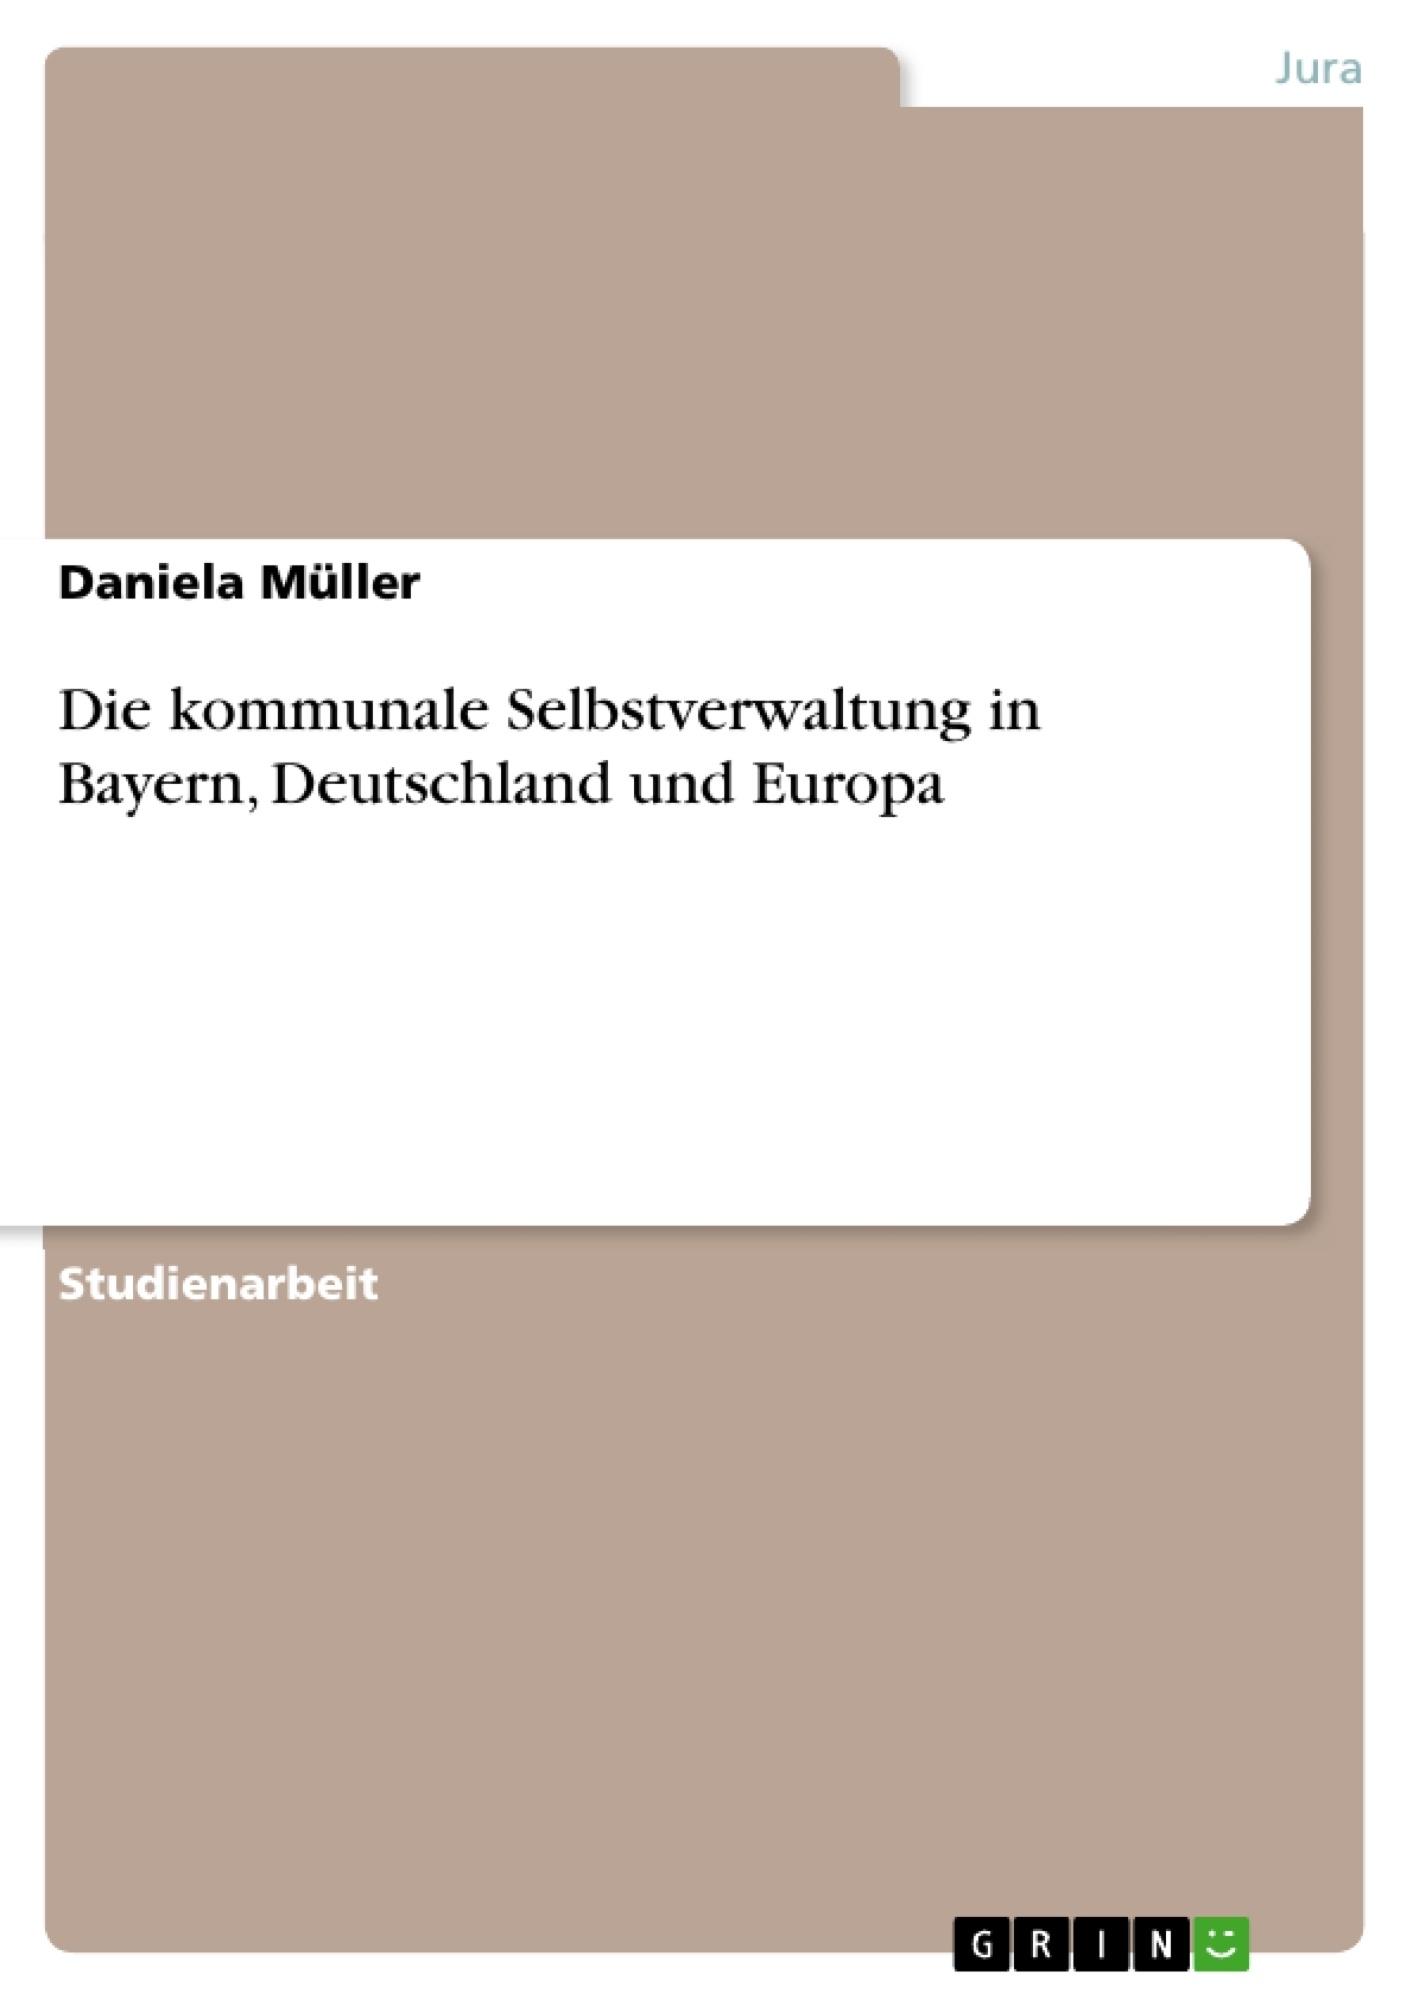 Titel: Die kommunale Selbstverwaltung in Bayern, Deutschland und Europa